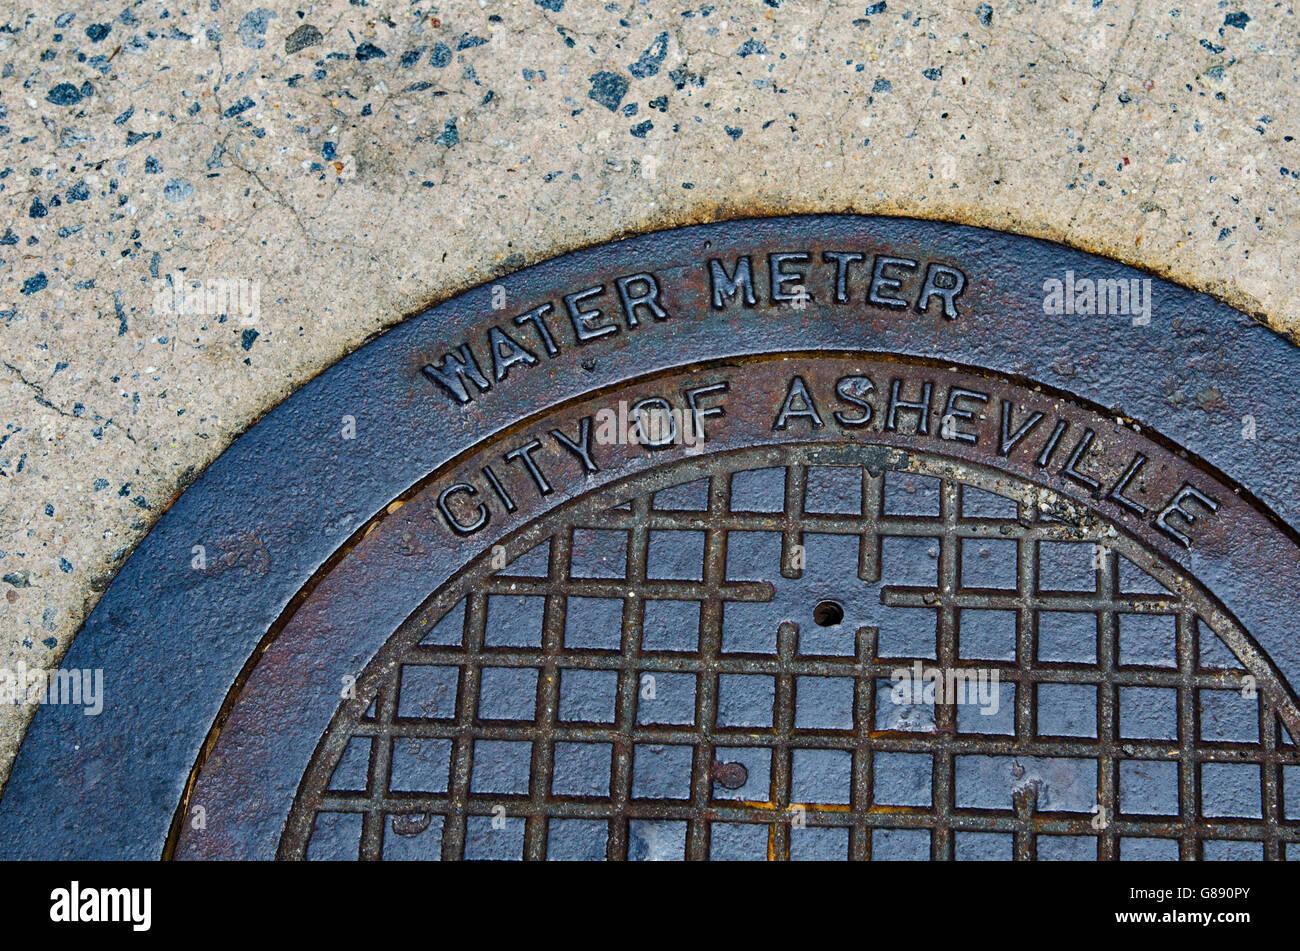 Asheville North Carolina manhole cover - Stock Image